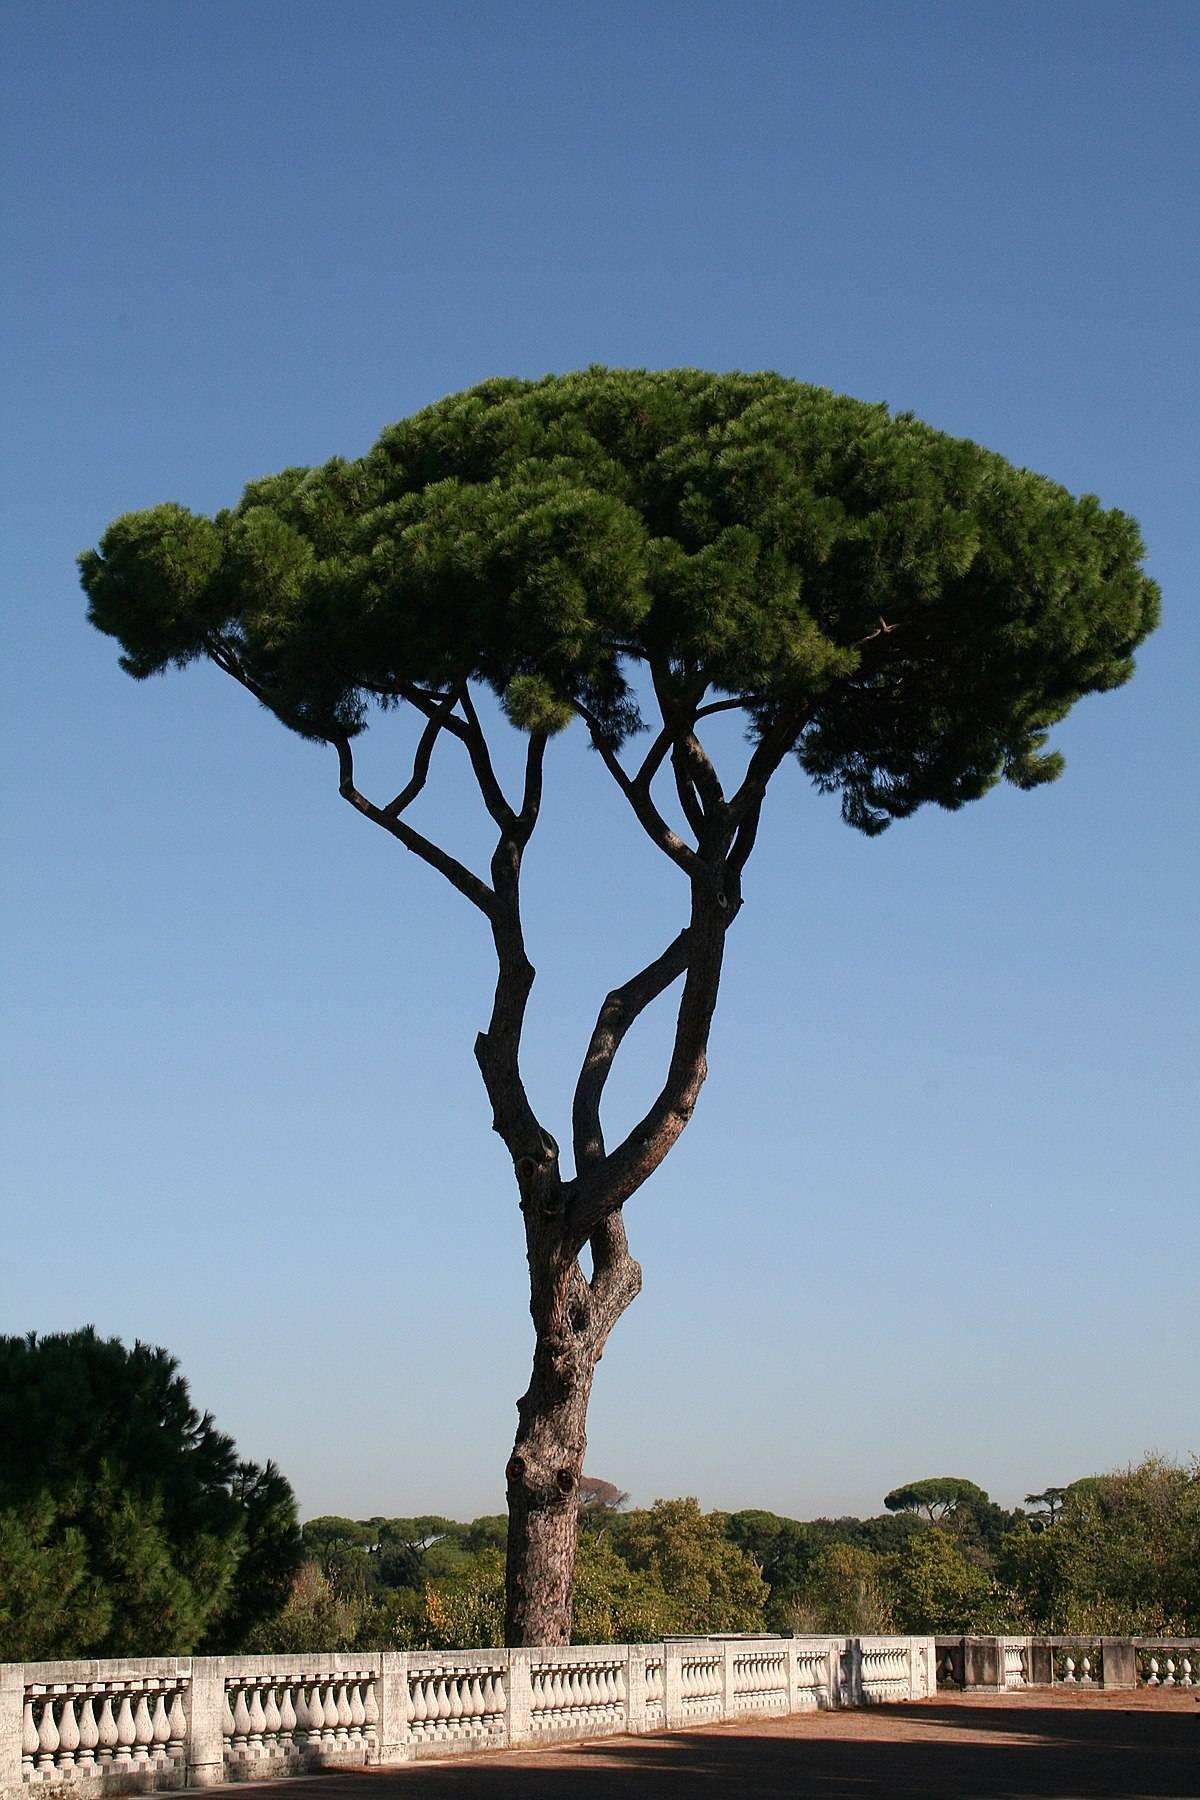 Пиния (35 фото): описание итальянской сосны. как выглядят семена и шишки дерева? какого цвета кора? выращивание и уход